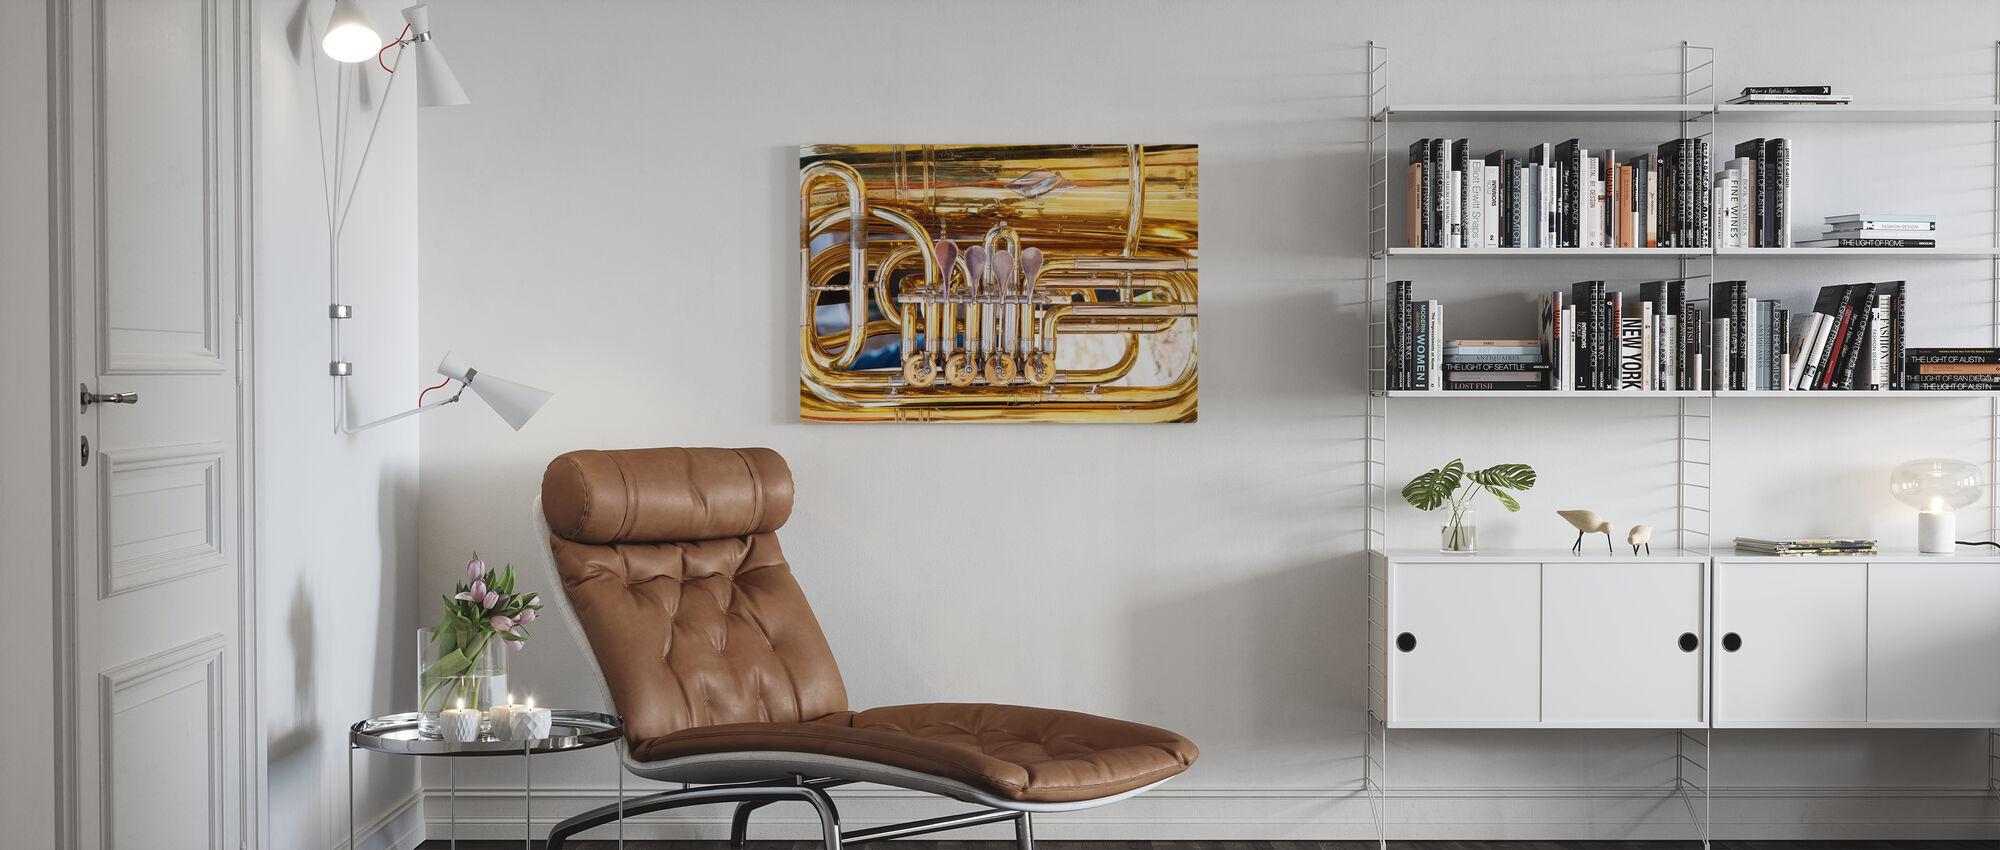 Messing Hoornklep - Tuba - Canvas print - Woonkamer